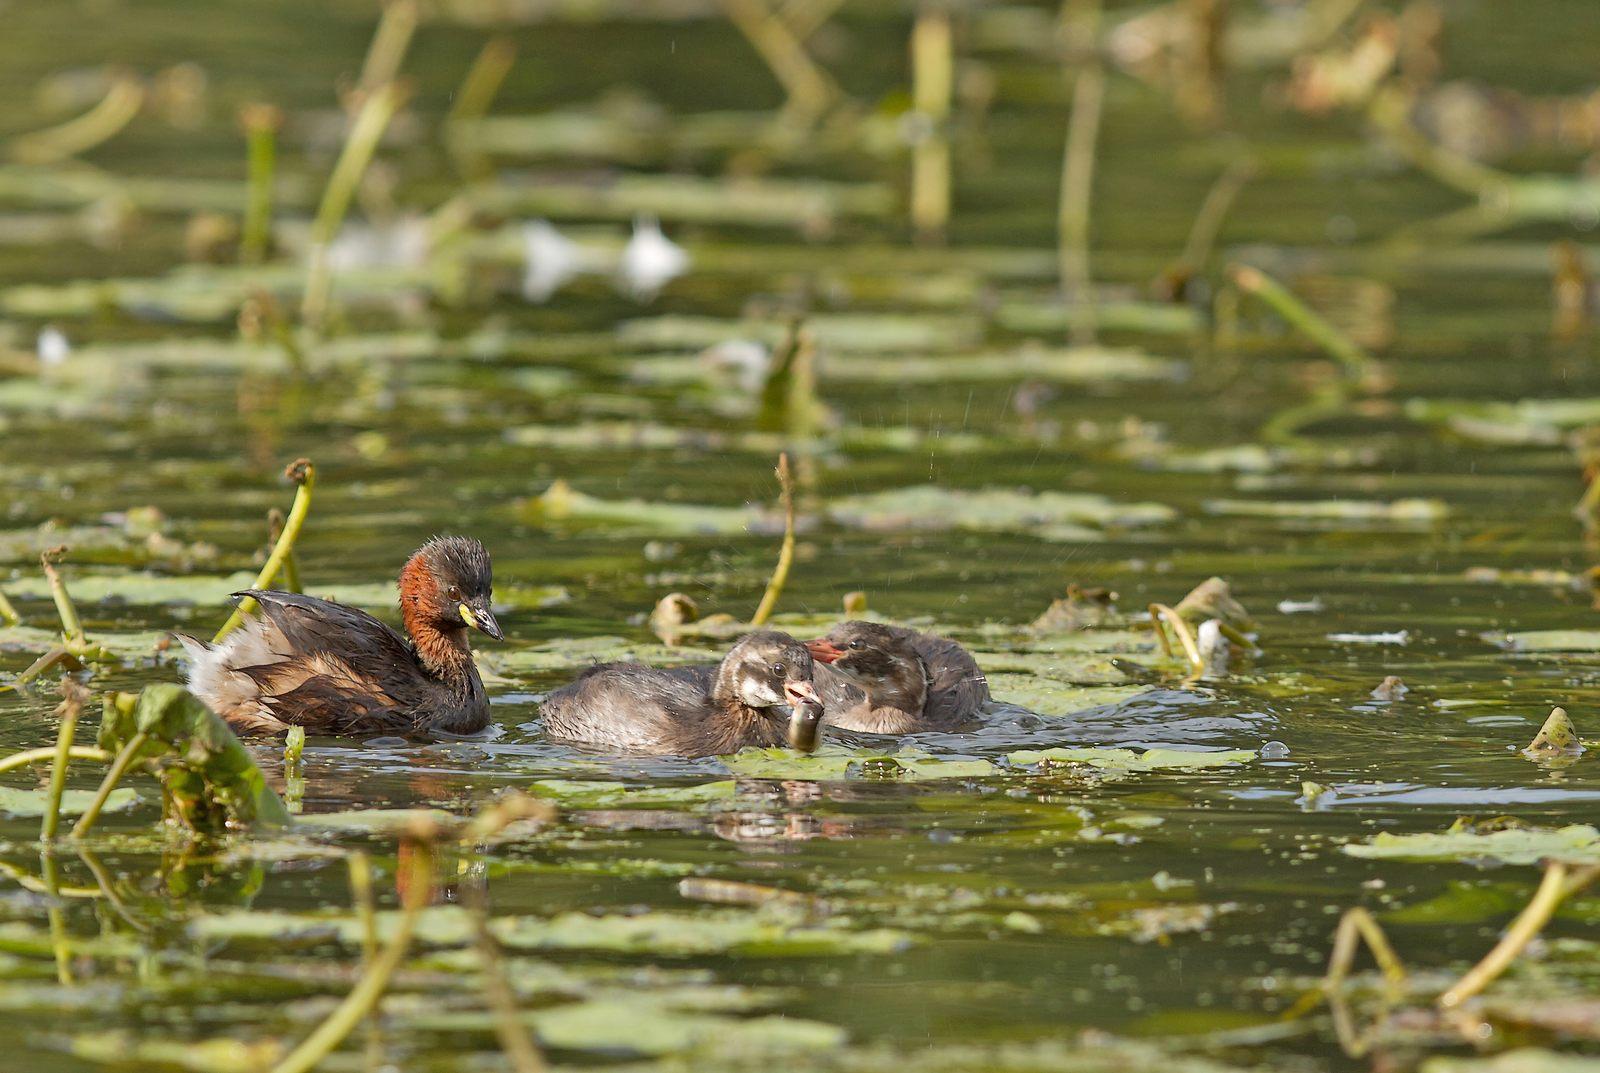 Grand étang de la Woluwe (héron, martin, cormoran, cygne, castagneux) 1309280534395685111591094